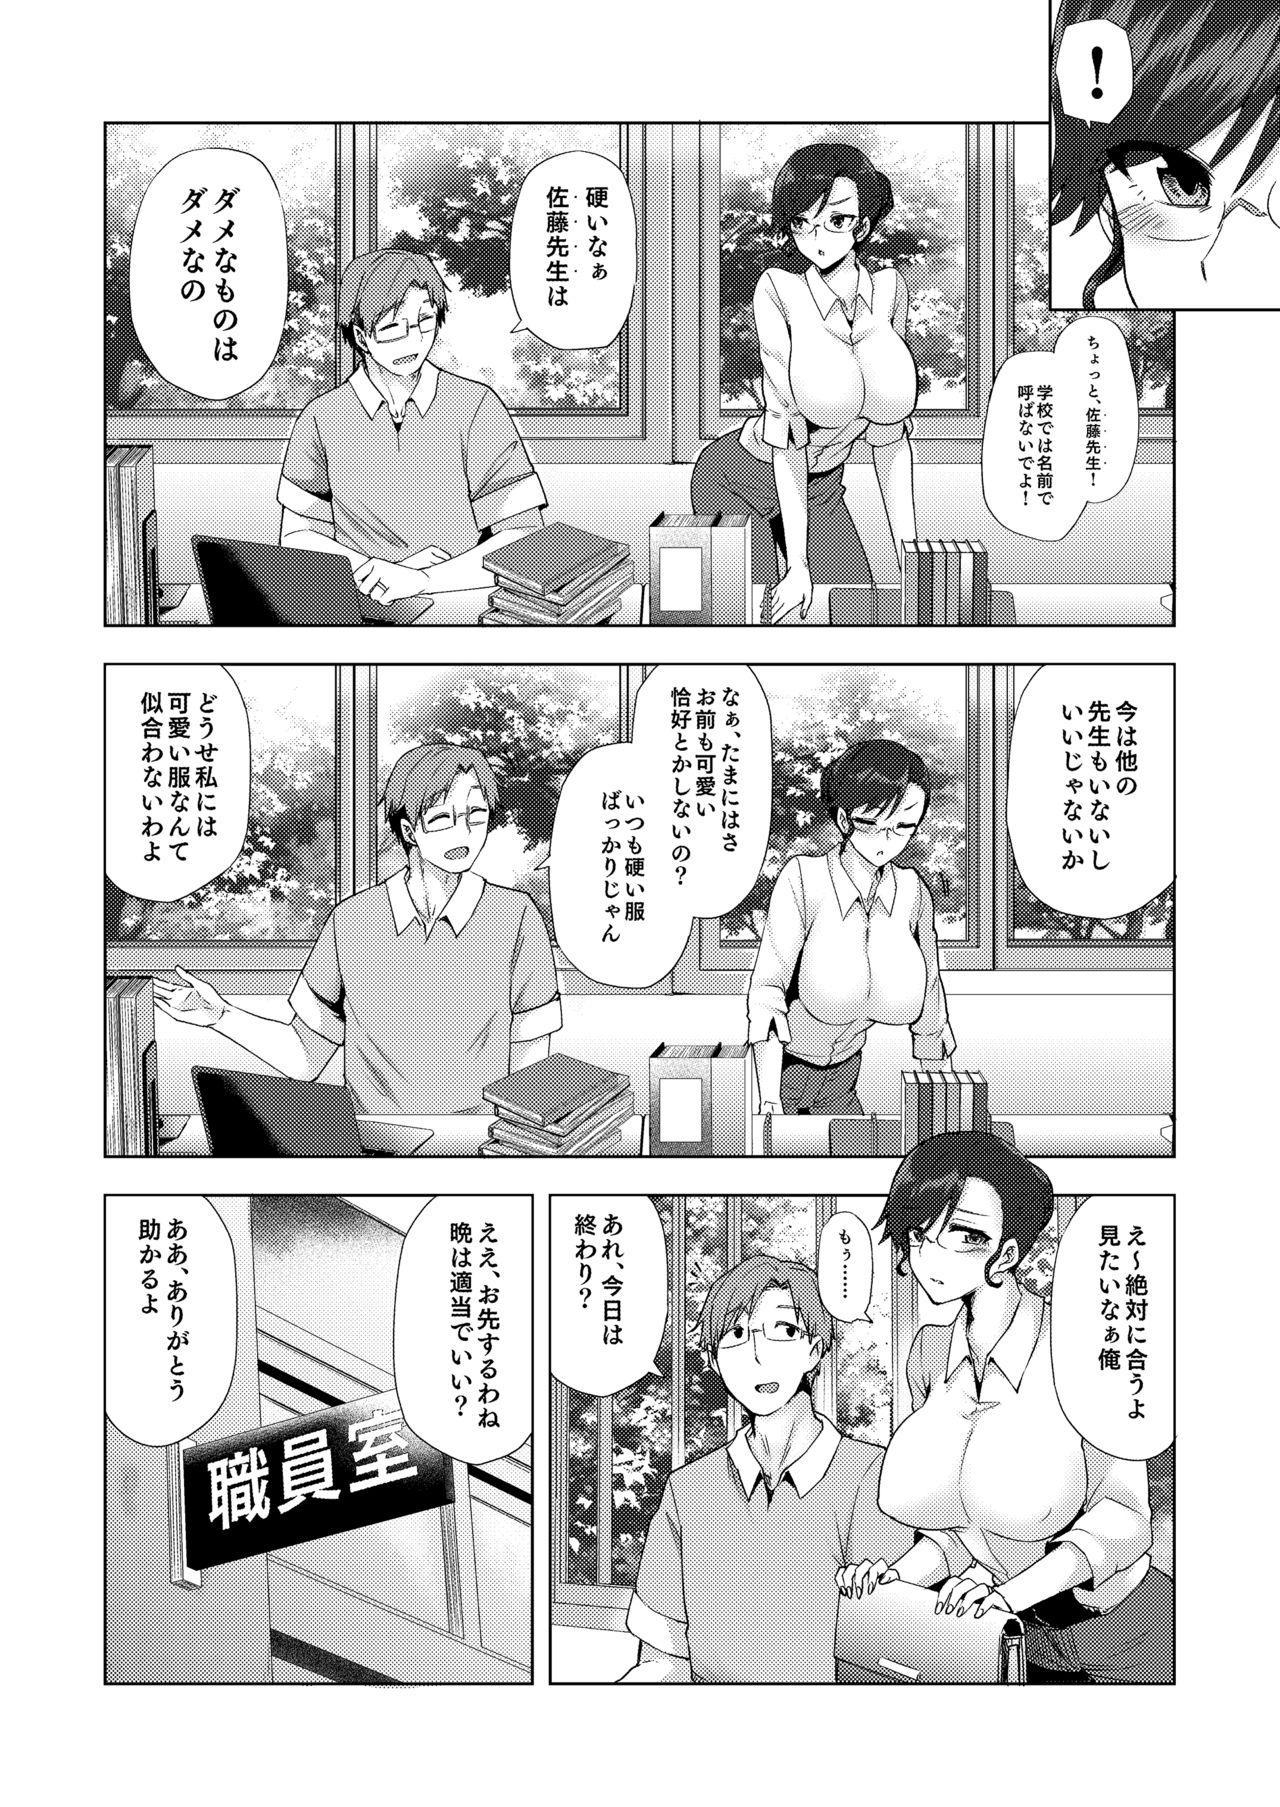 Watashi ga Manbiki o Shita Wake o Kiite Kudasai 2 2